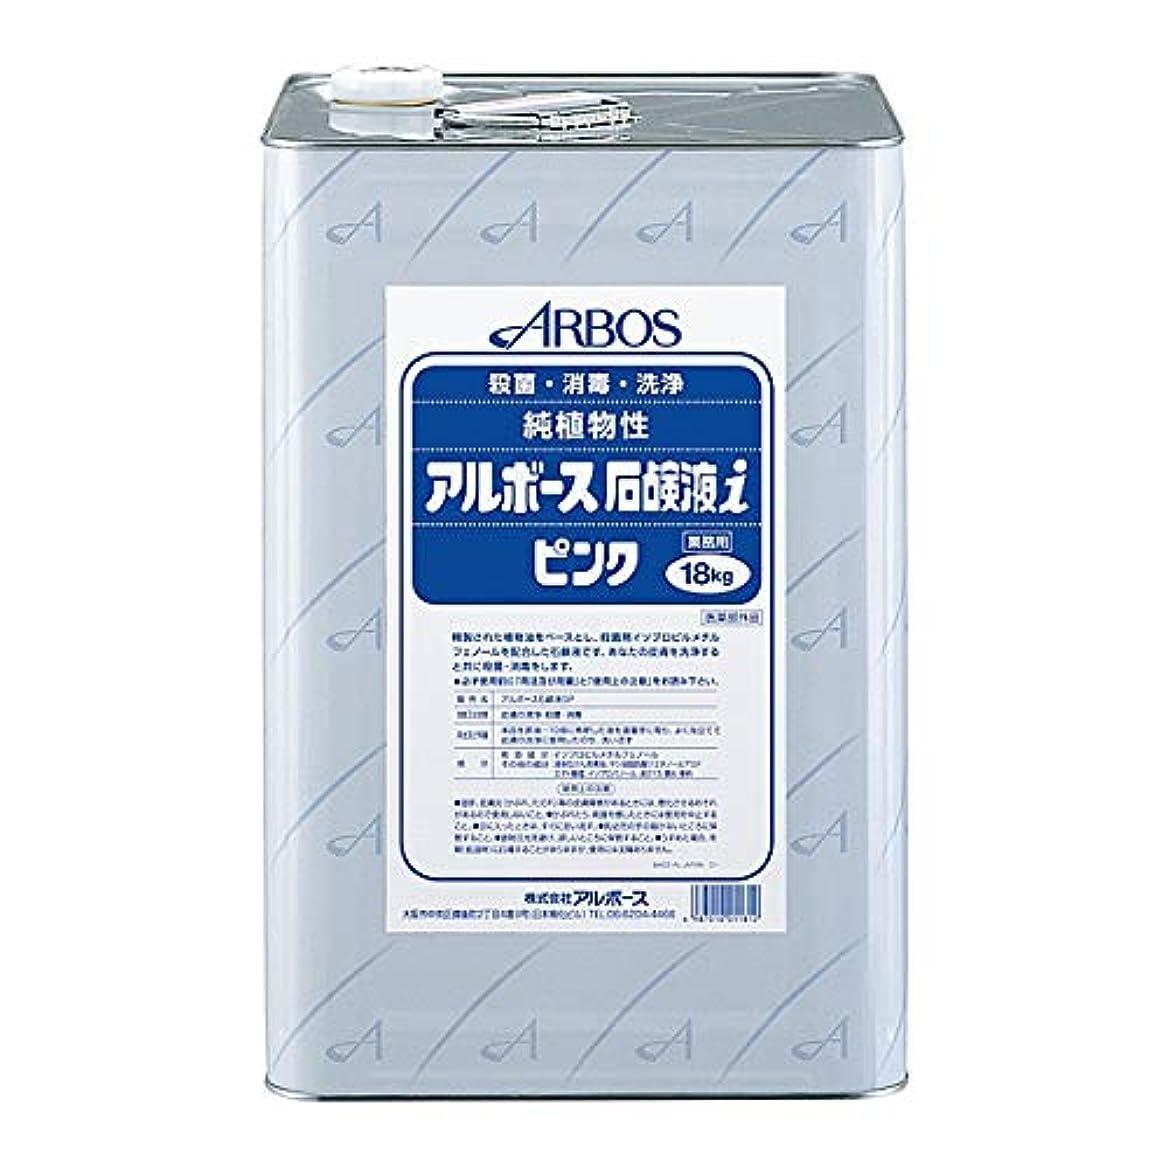 闇ヘッジ不潔【清潔キレイ館】アルボース石鹸液i ピンク(18L)+つめブラシ1個 オマケ付